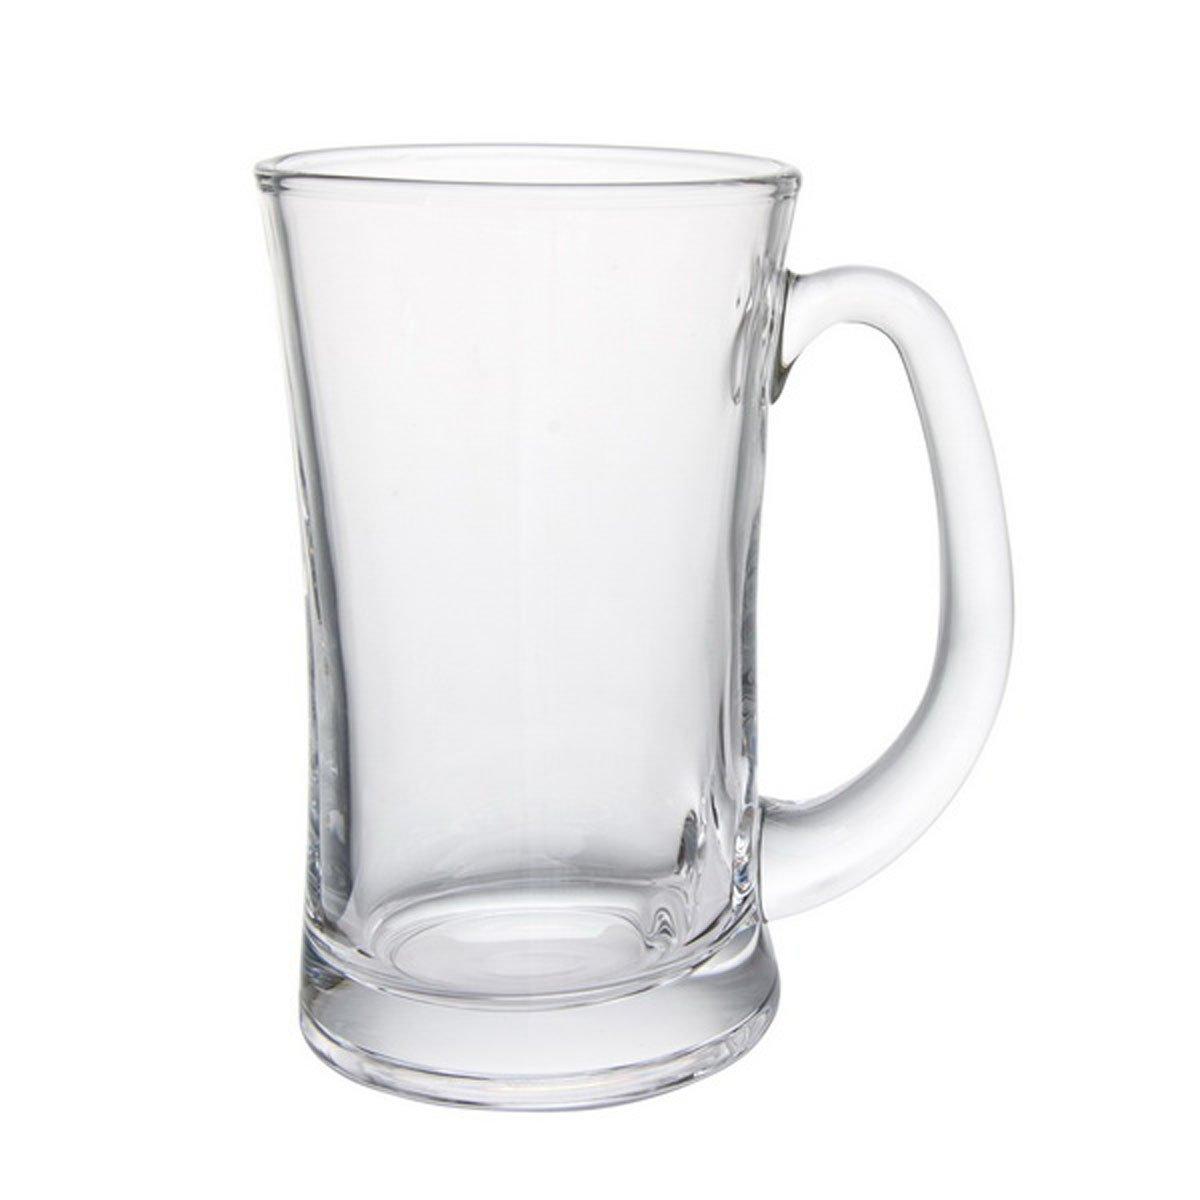 Set de 2 tarros cervecero de vidrio transparente sears - Vidrio plastico transparente precio ...